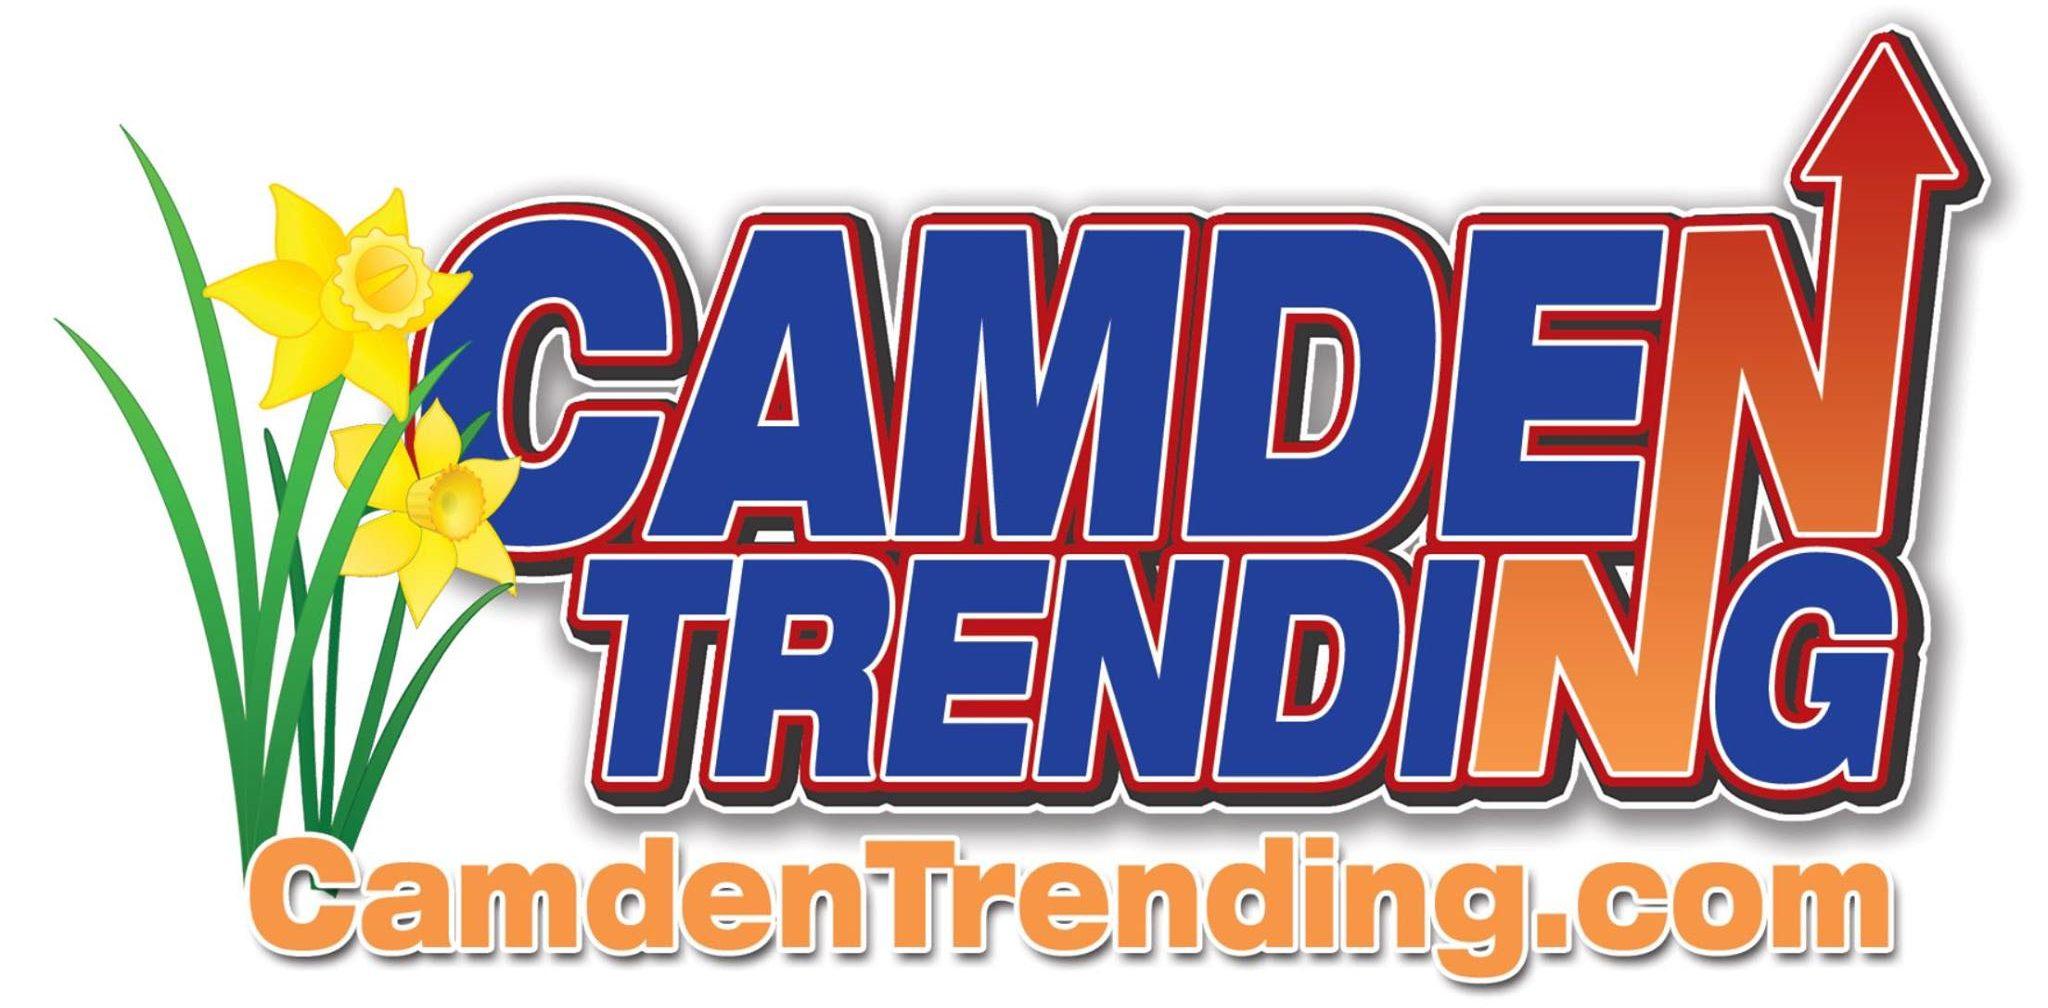 Camden Trending